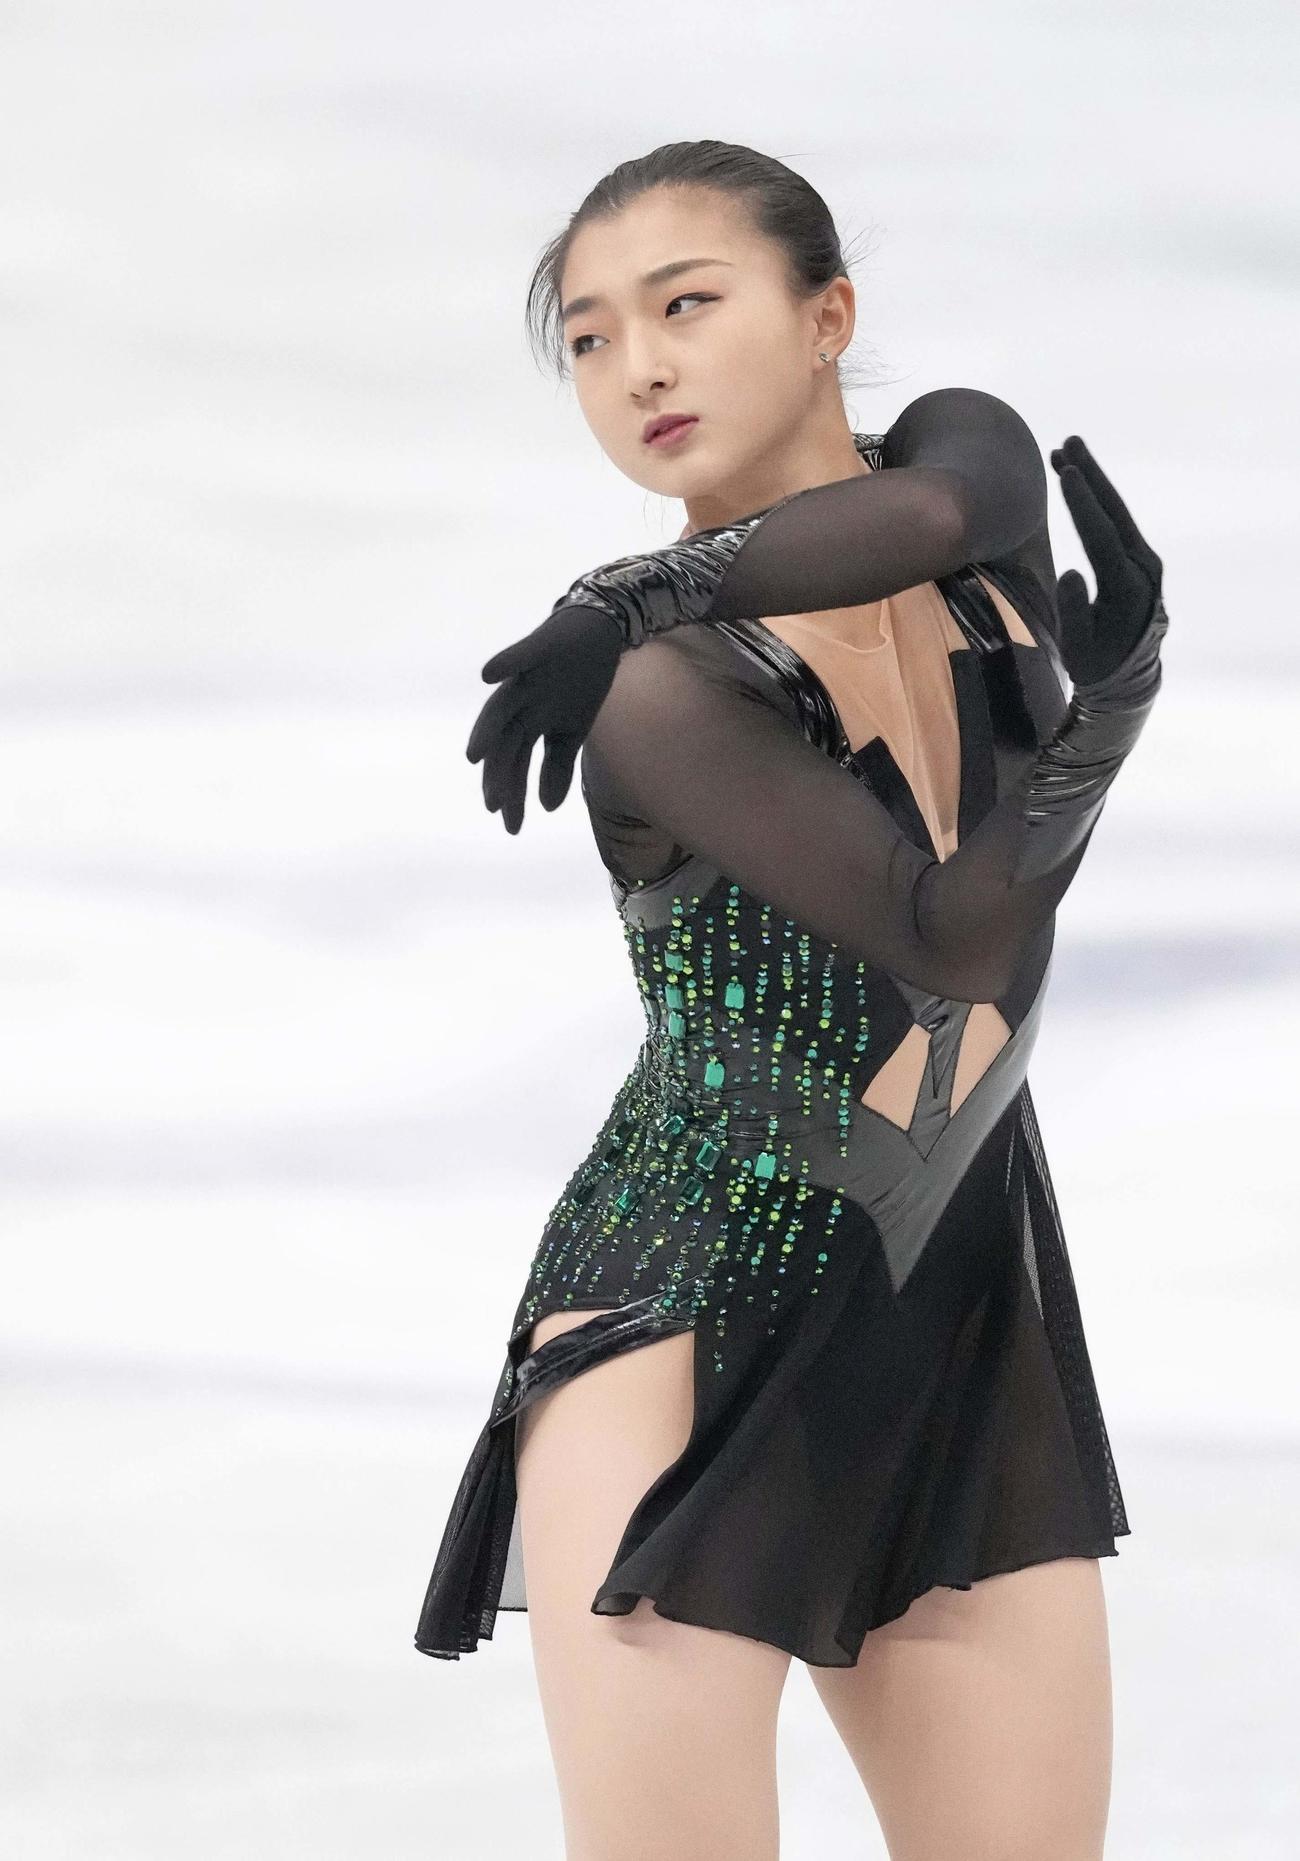 21年4月17日、国別対抗戦女子フリーで演技する坂本